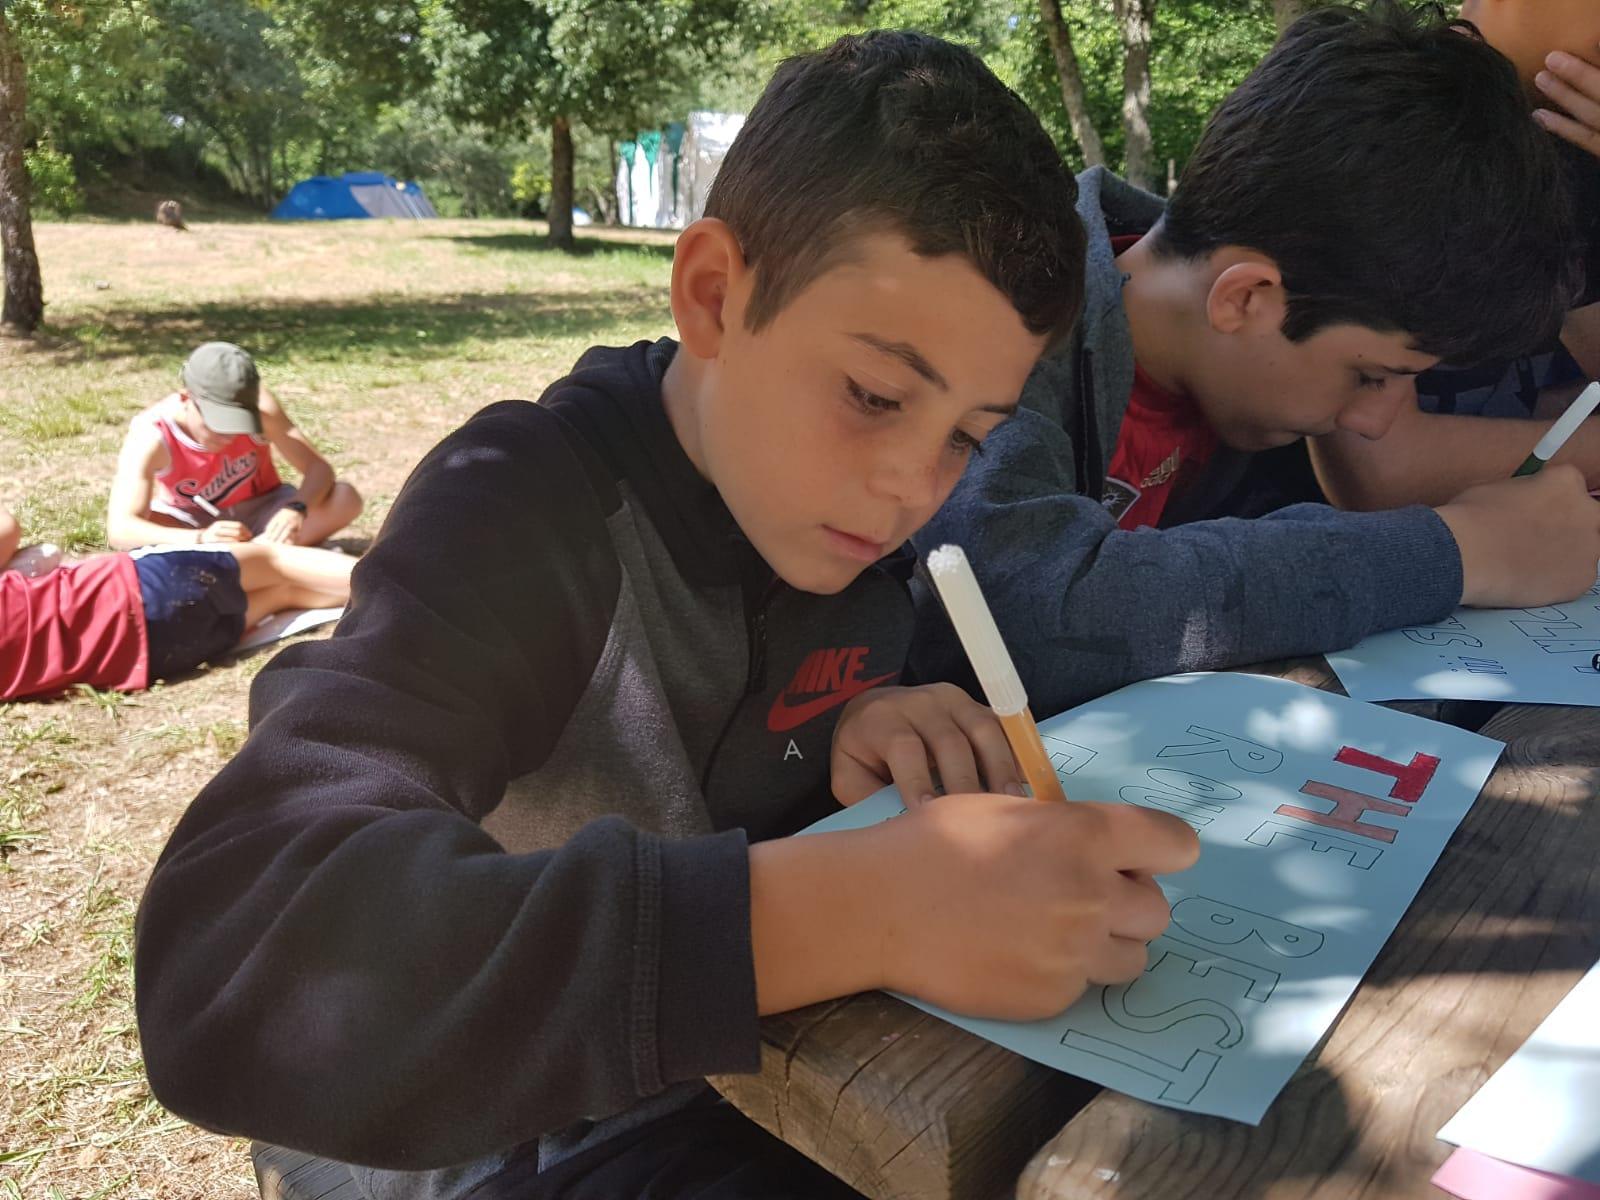 Campamento de verano con inglés juegos y talleres para niños en España León